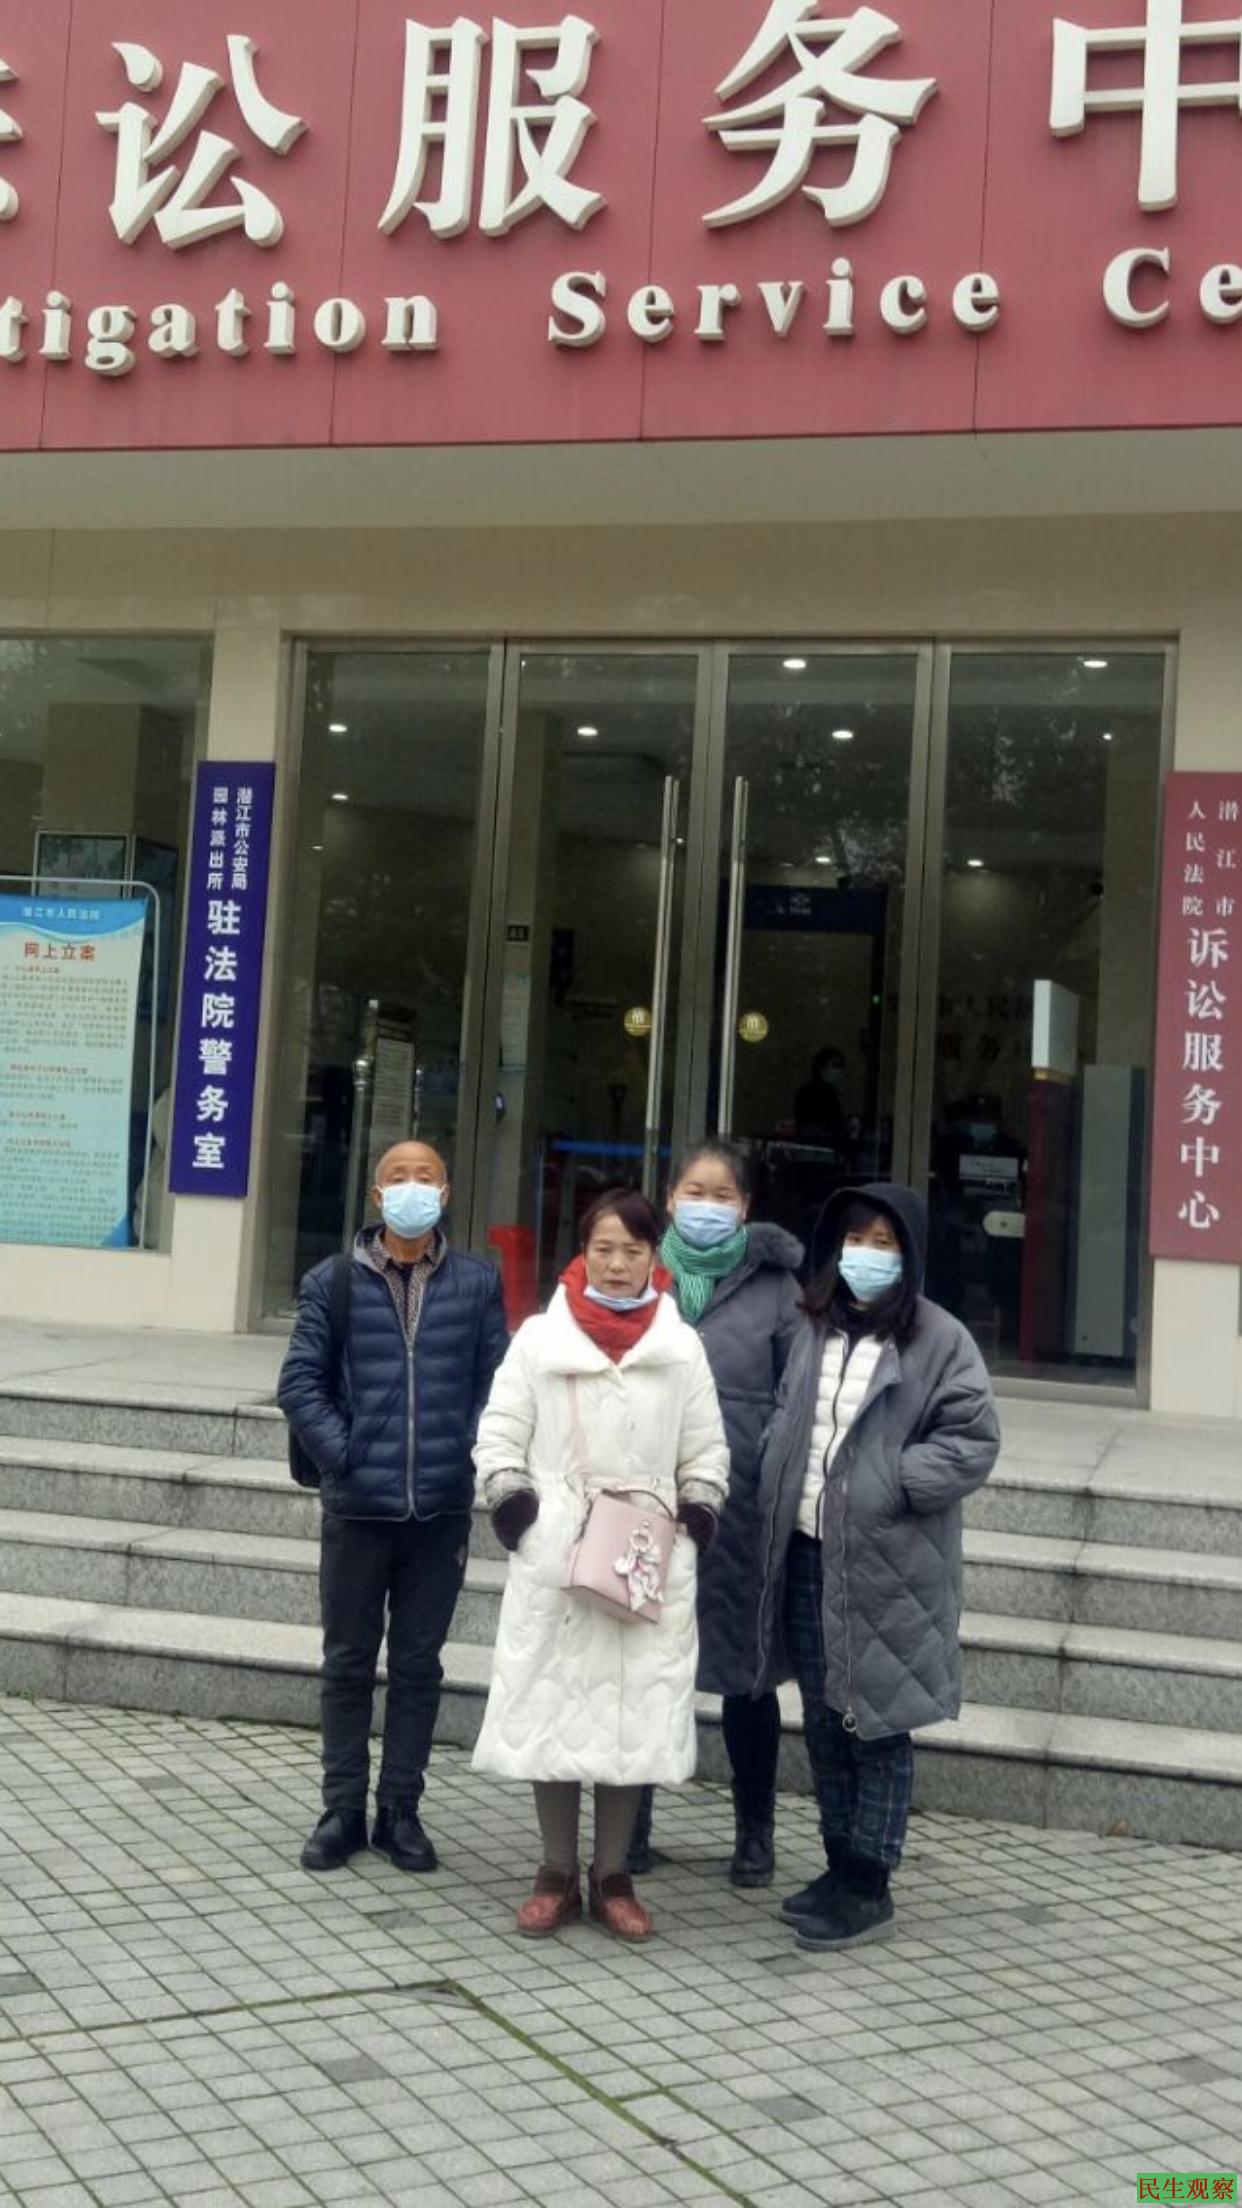 湖北潜江万祥贵涉嫌寻衅滋事罪开庭